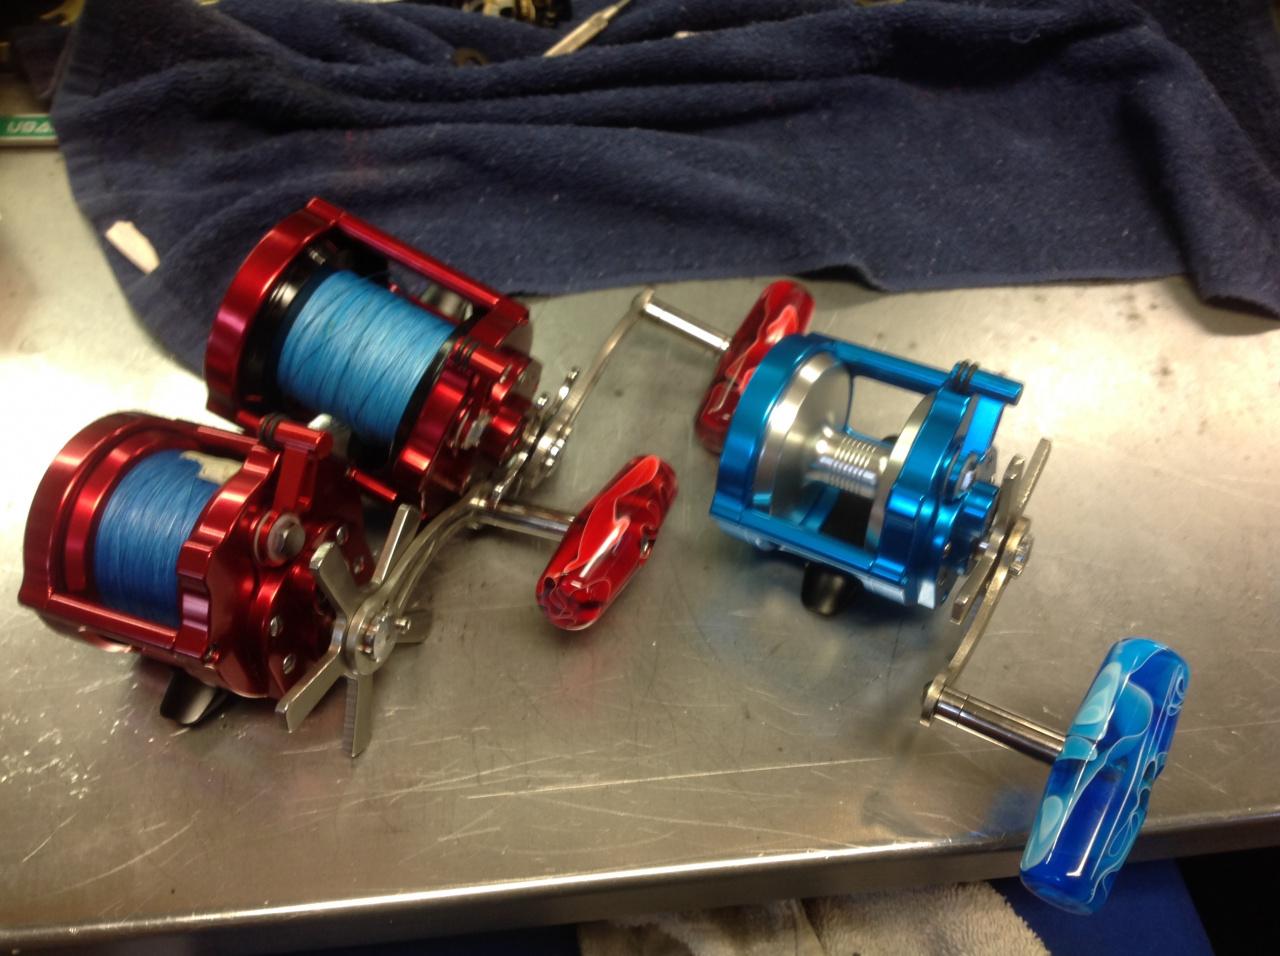 Penn 500 jigmaster replacement?-fad1efd1-1ca1-4731-a8e6-9d098730d013-jpg